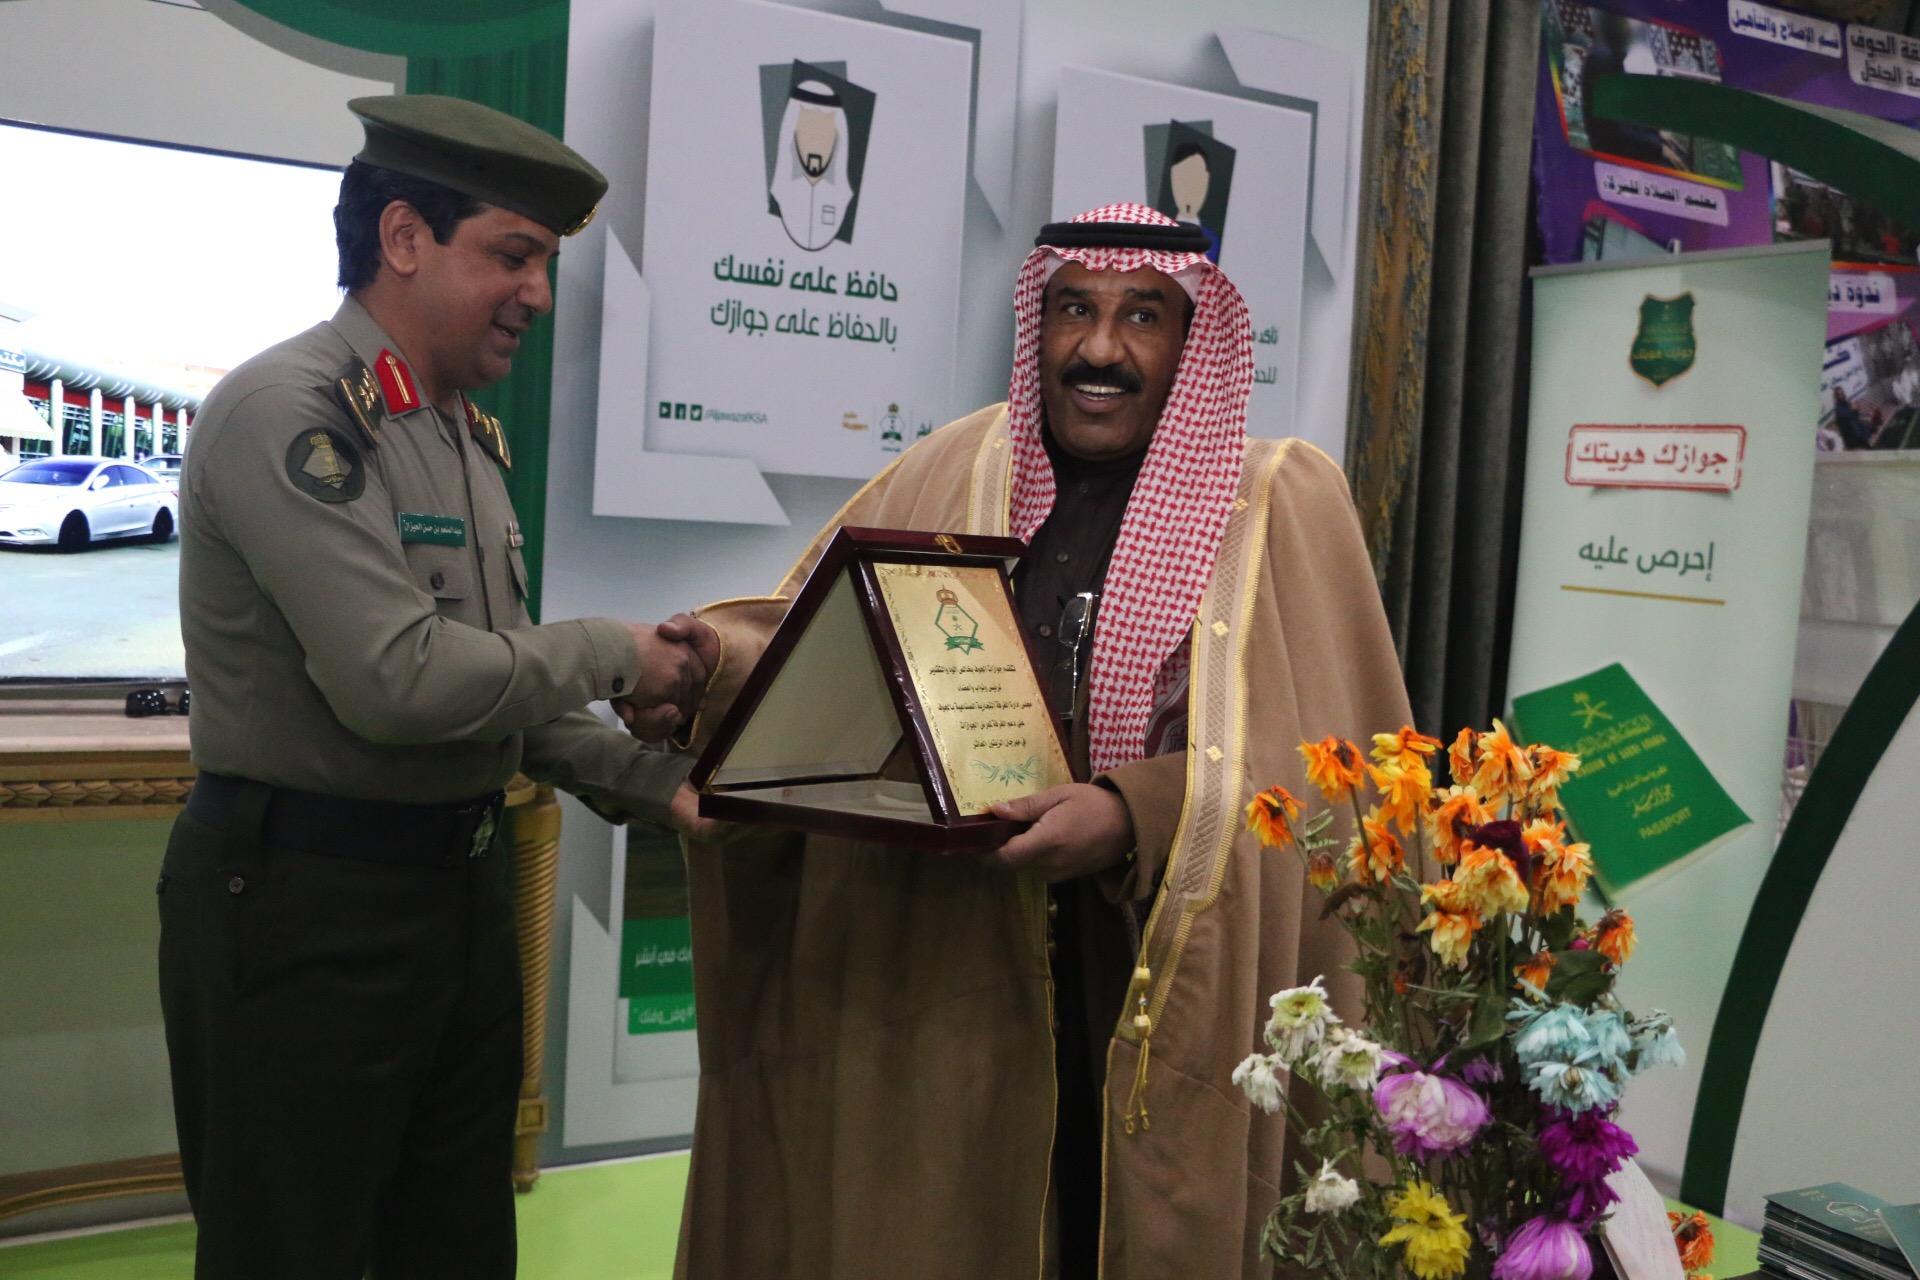 الجوازات تكرم غرفة الجوف لدعمها بجناح مهرجان الزيتون